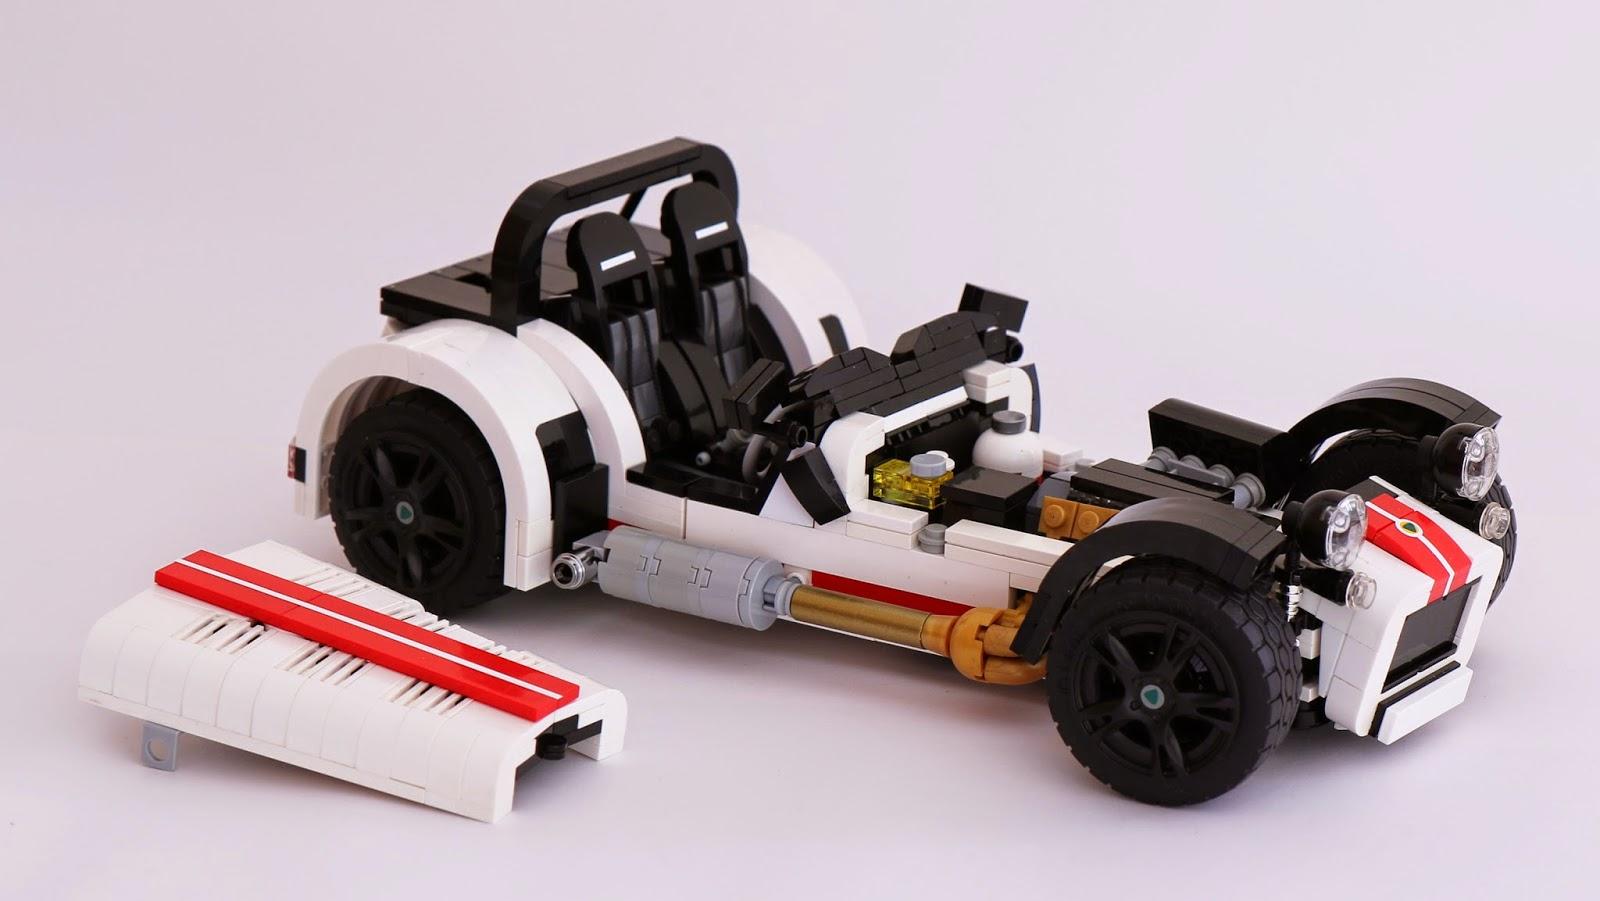 A Lego Caterham R500!